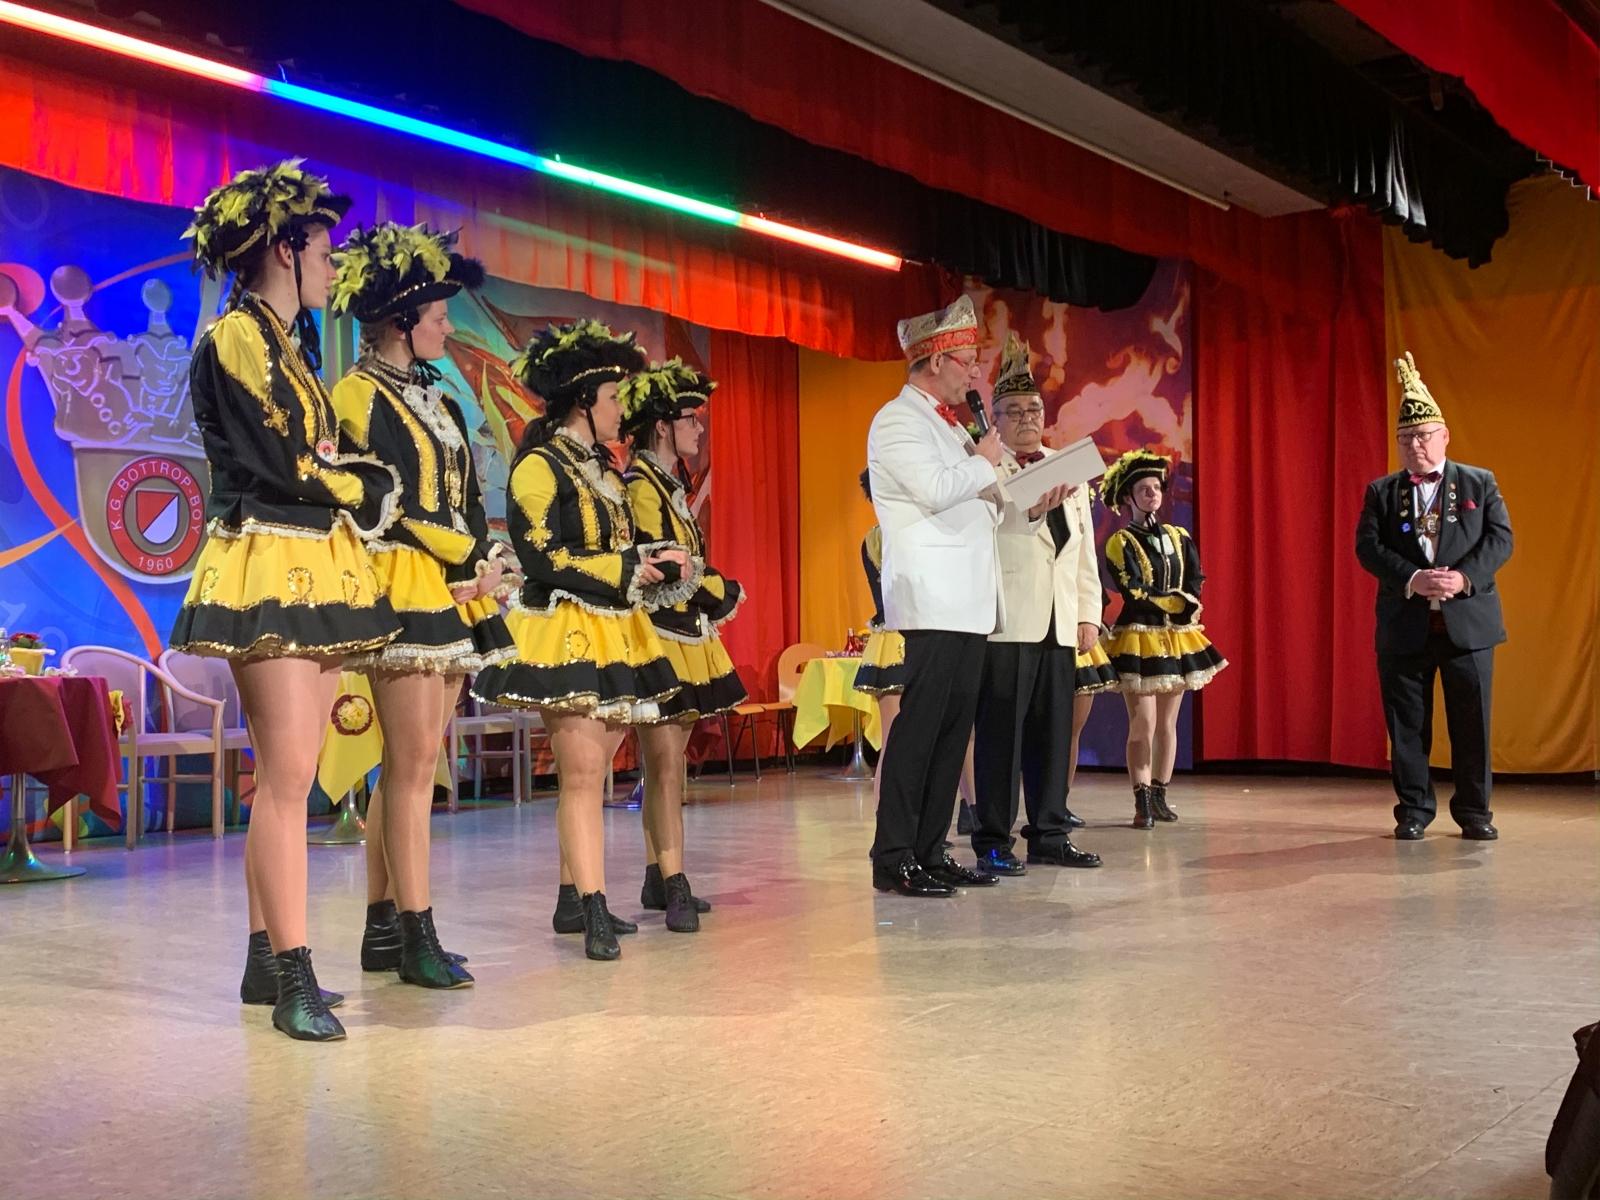 Verleihung des schwarzen Diamanten durch den Bund Ruhr Karneval